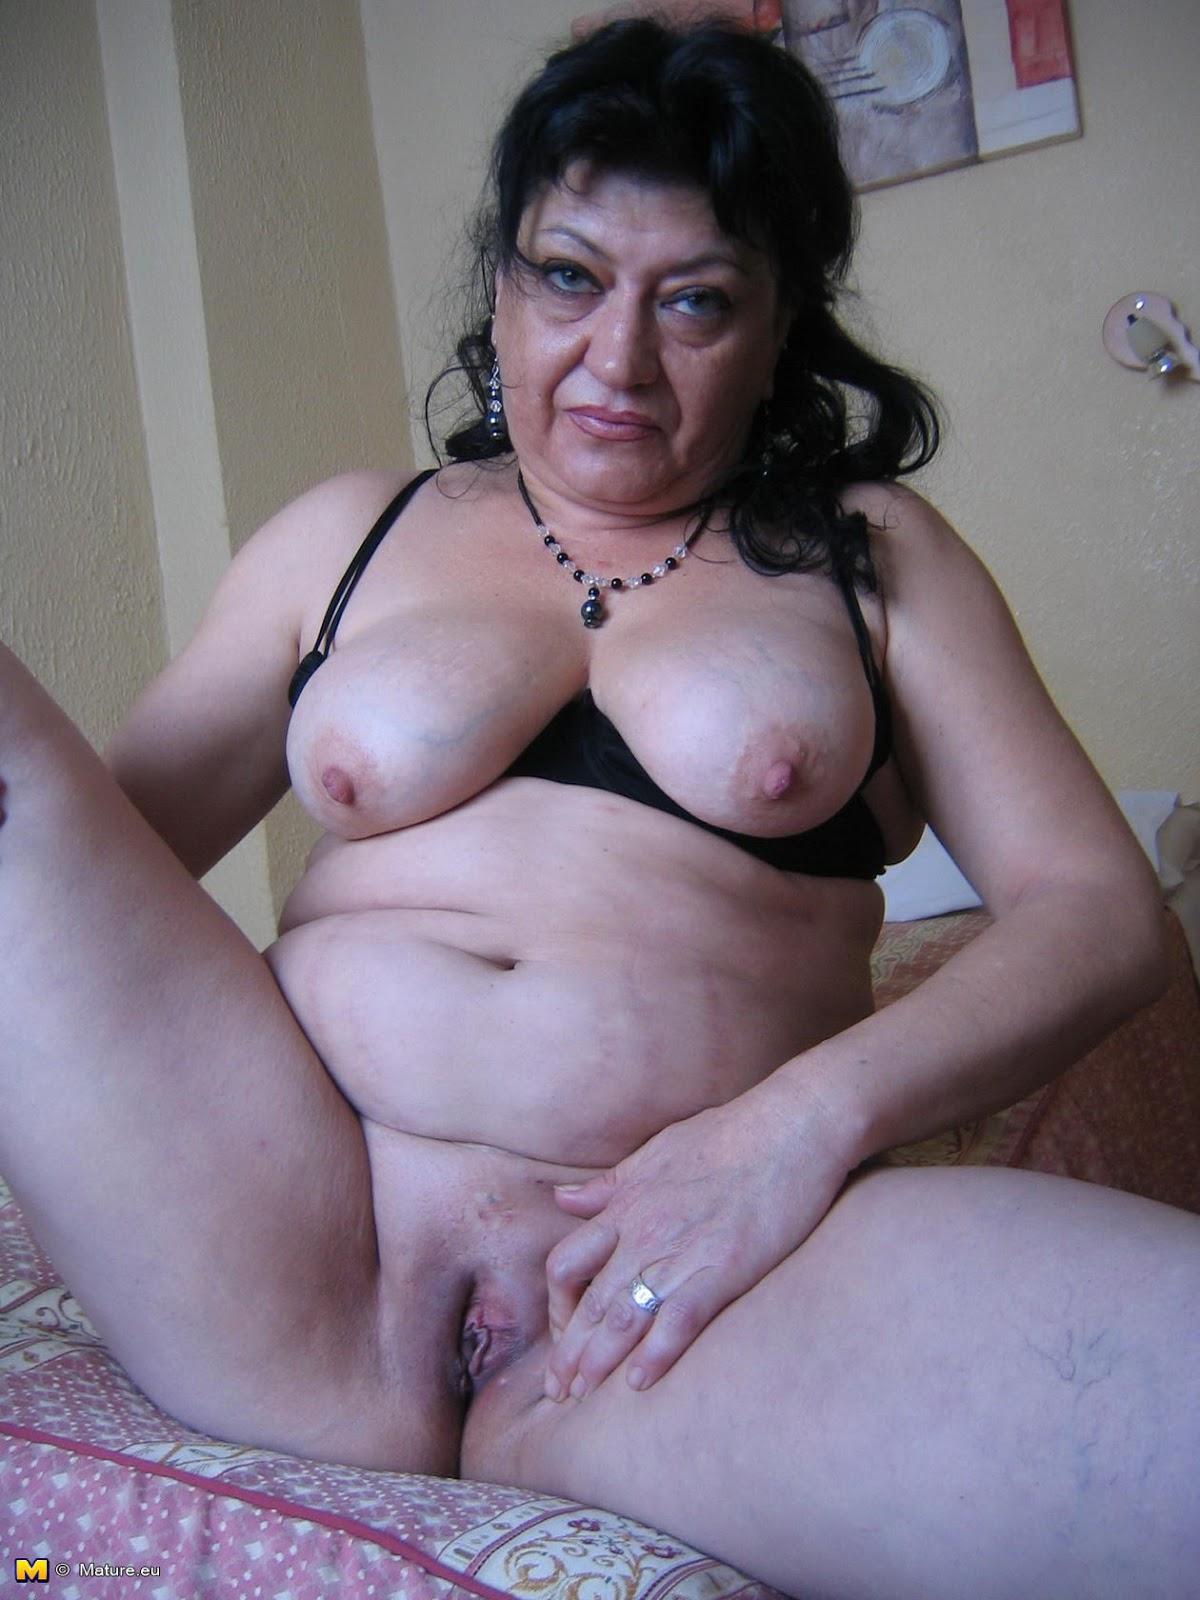 mature women pics videosex